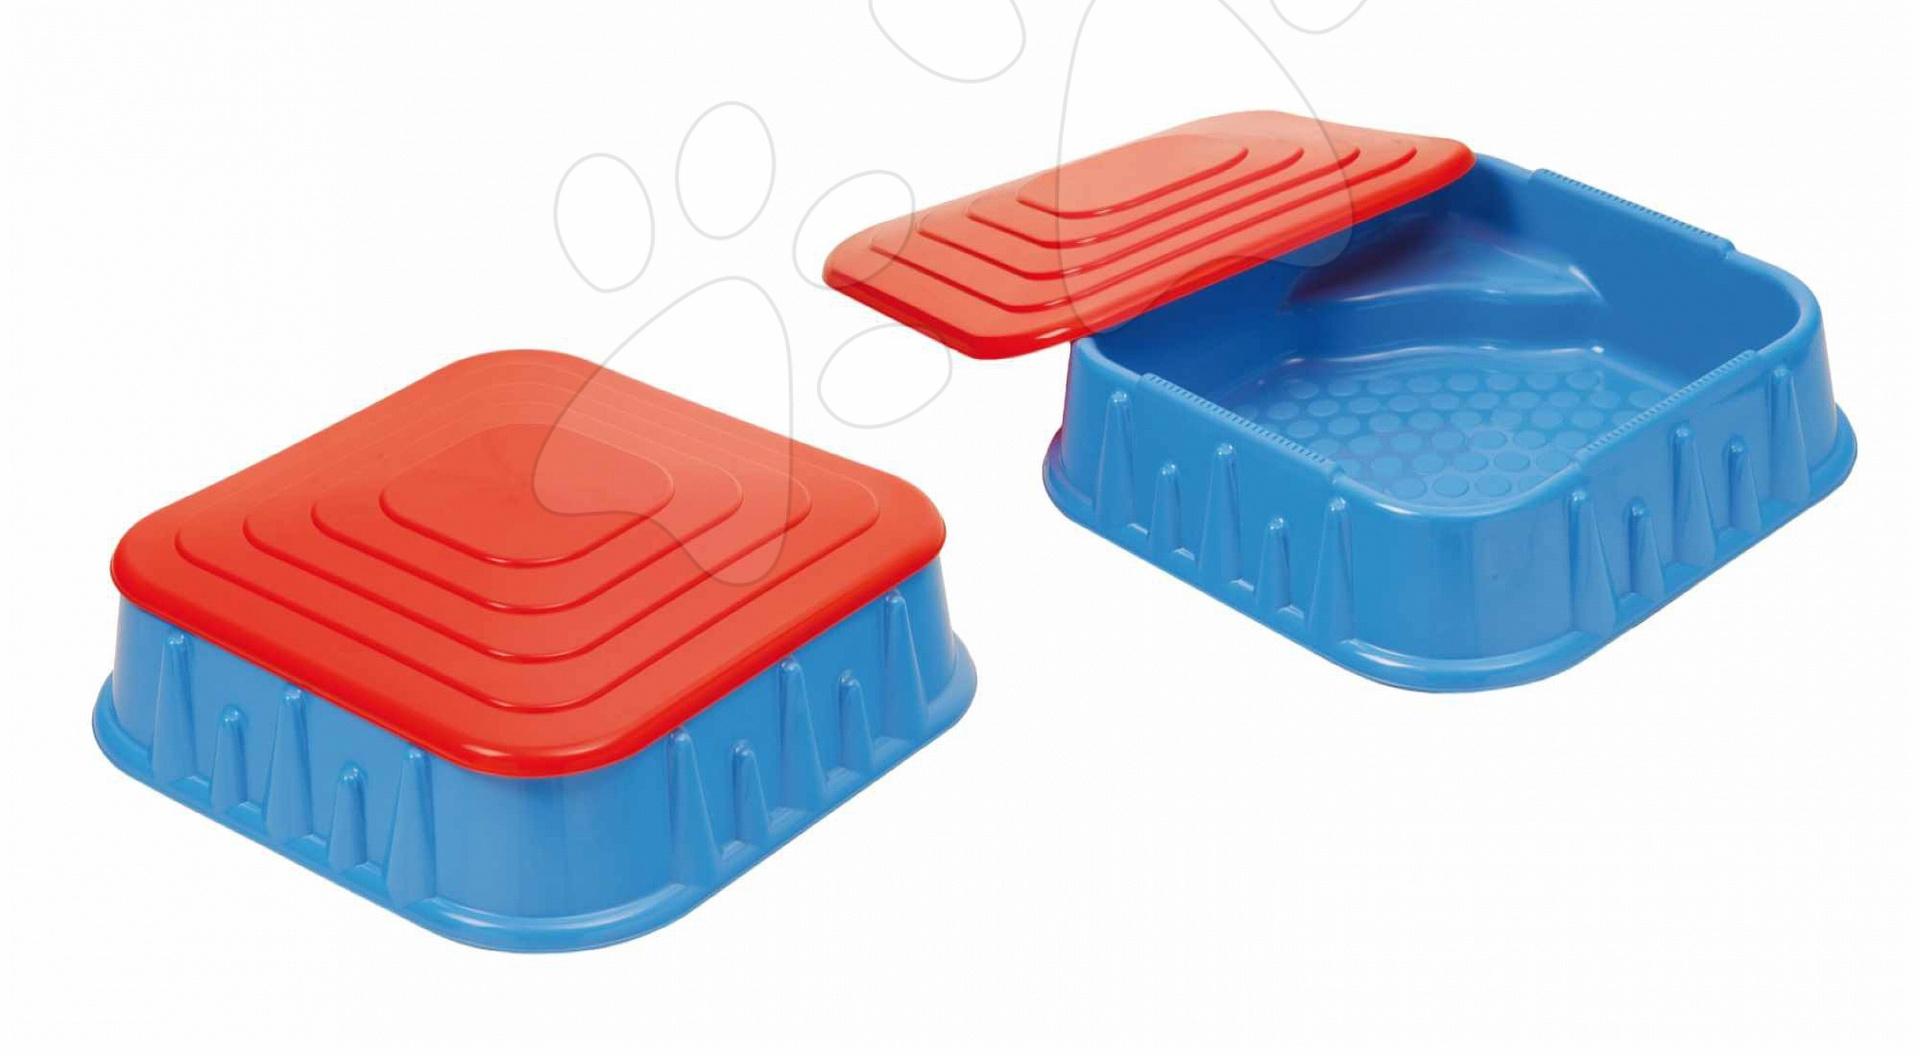 Nisipare pentru copii - Nisipar Starplast în formă pătrată cu capac volum de 60 litri albastru-roşu de la 24 luni